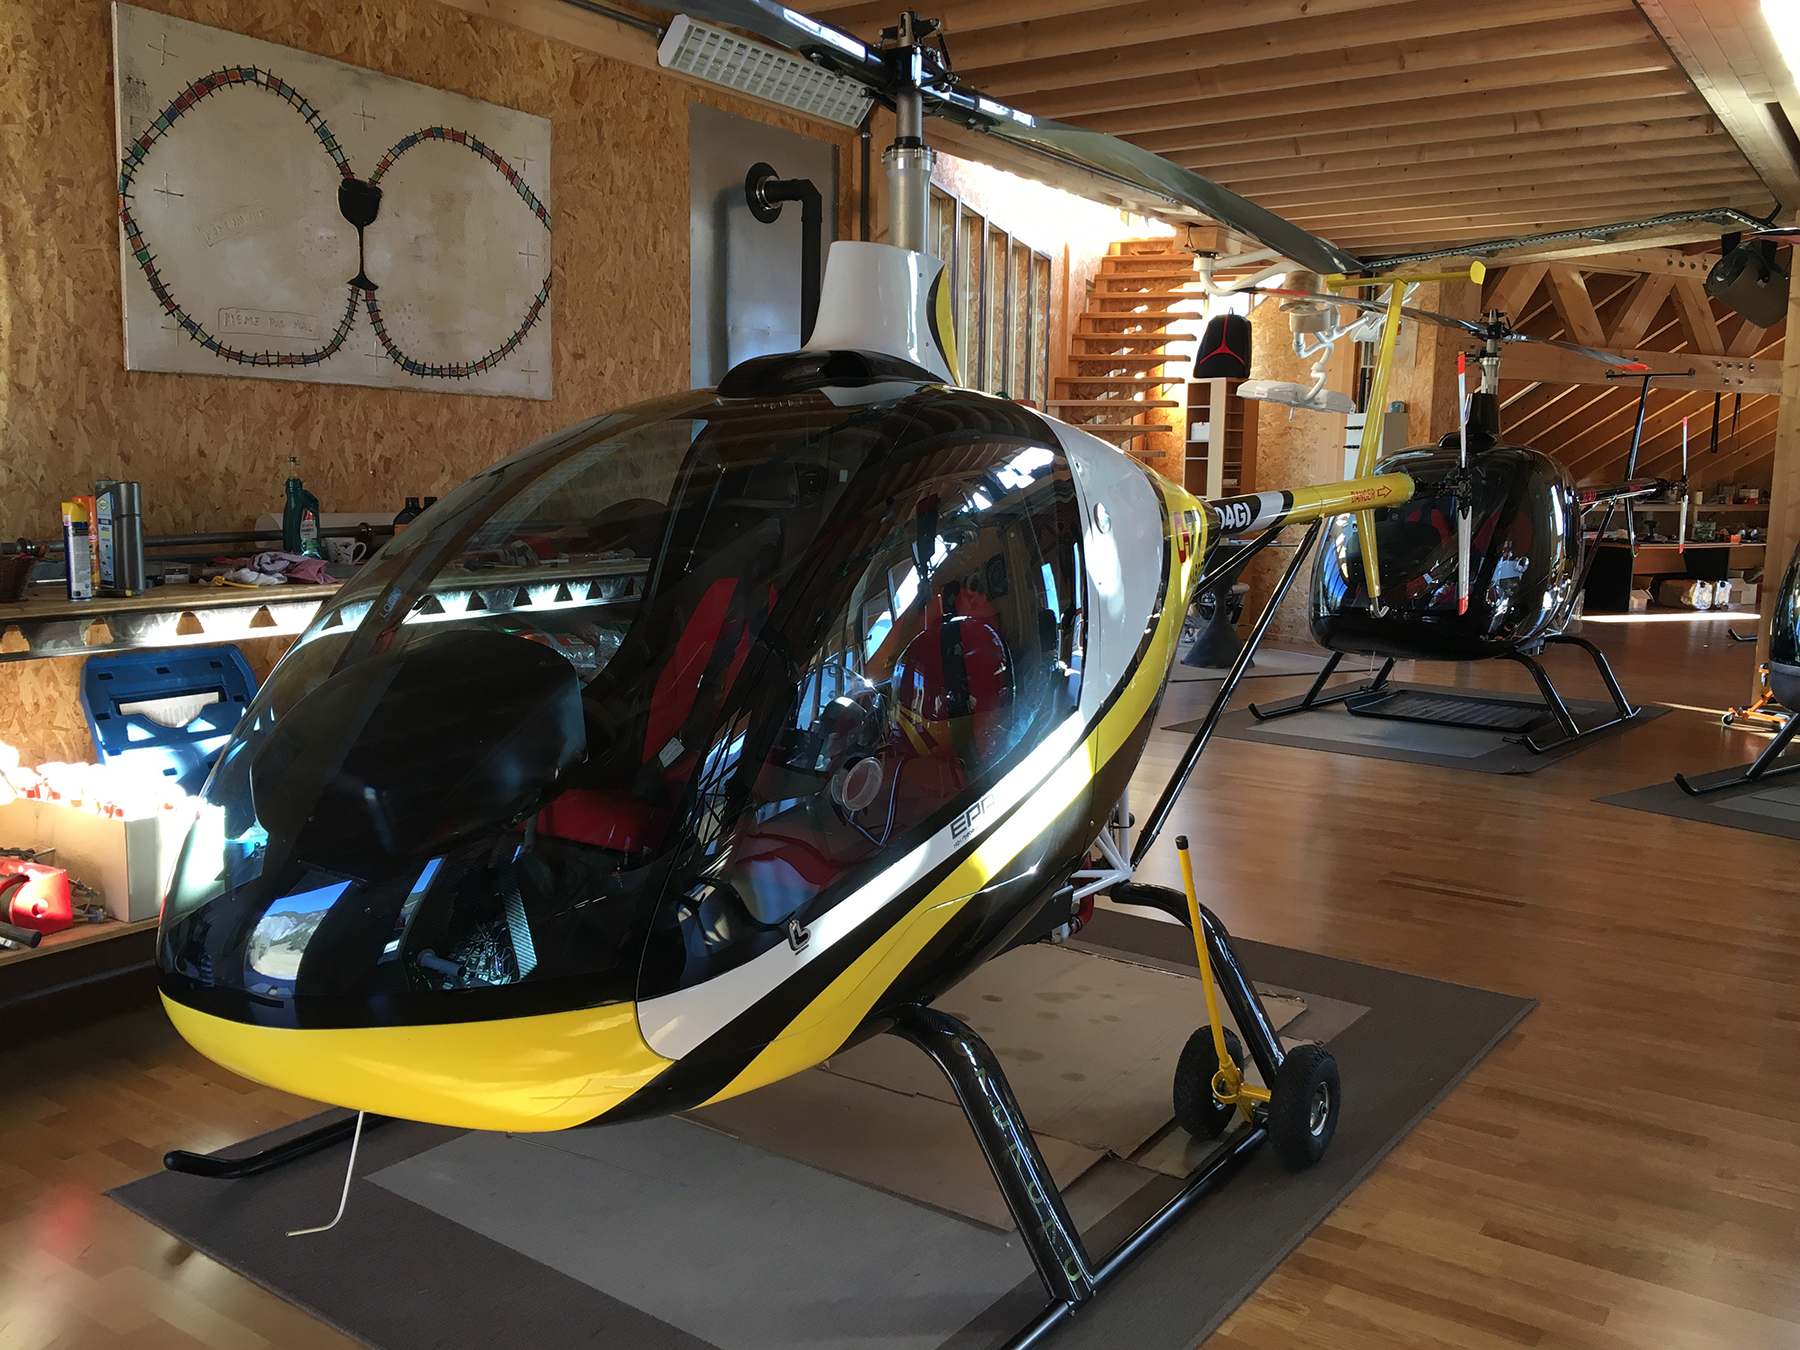 Hélicoptère pour la prise de vue aérienne